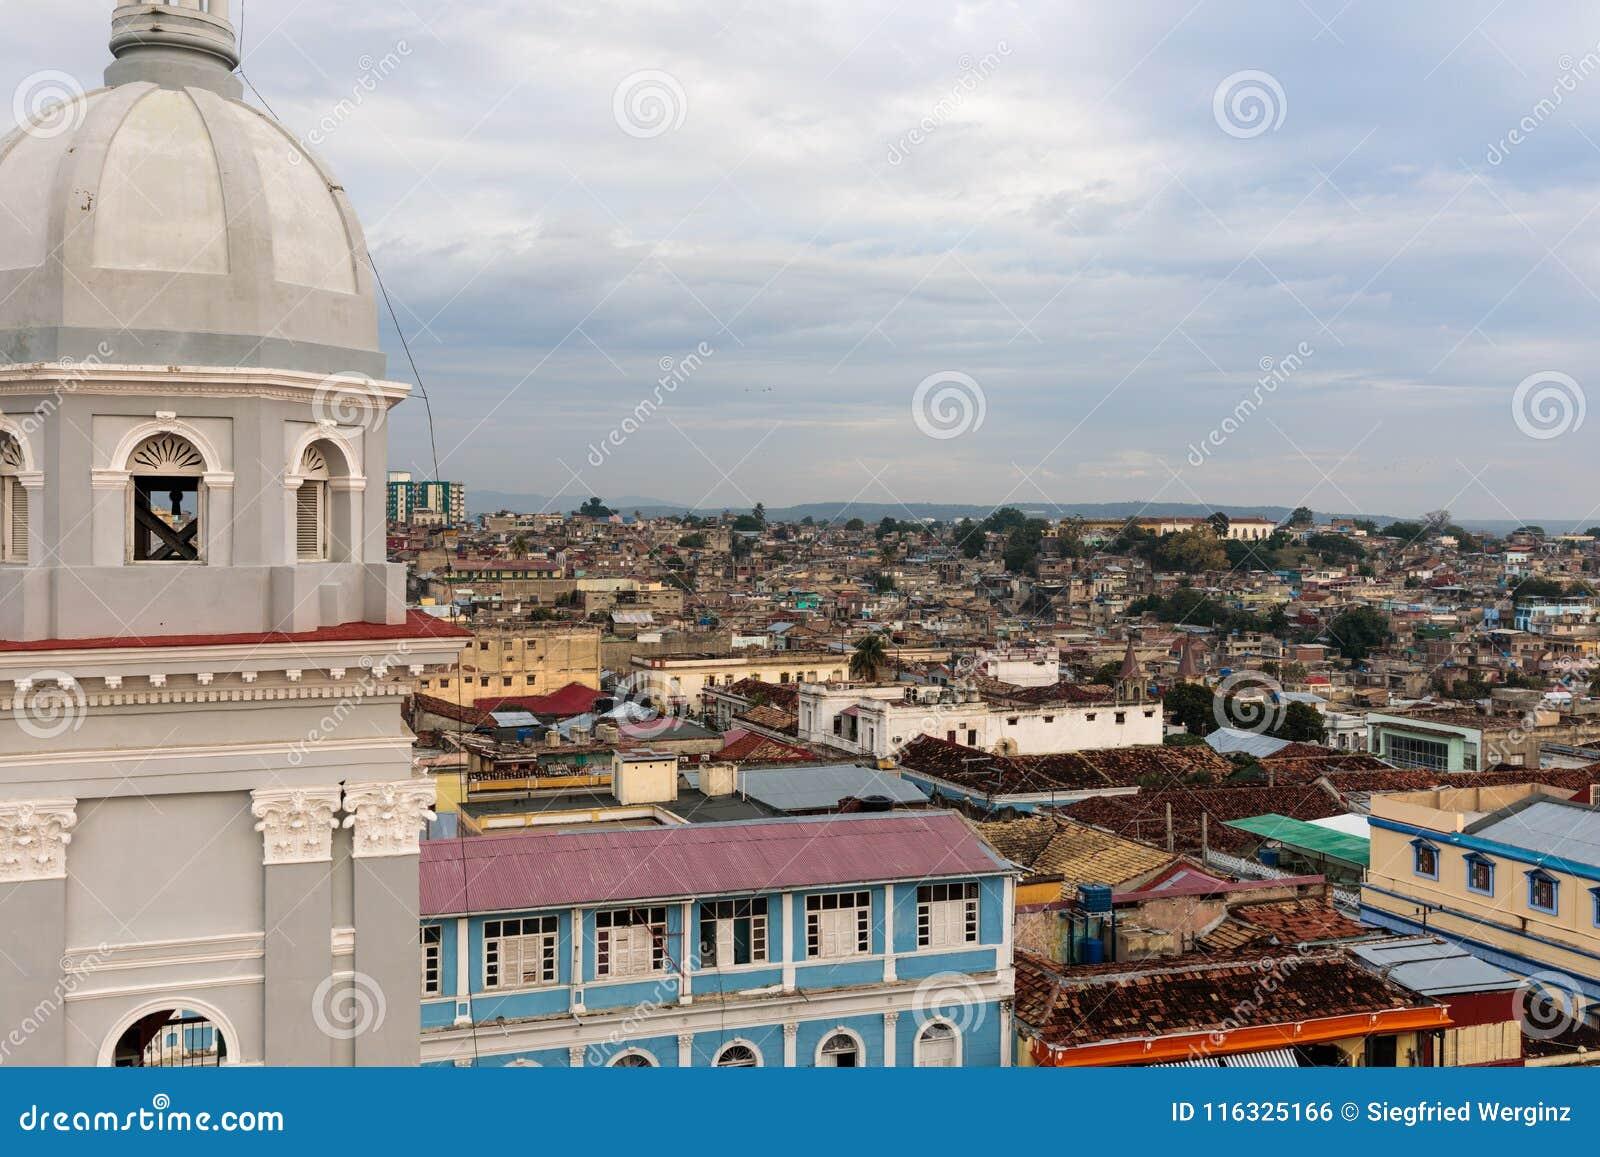 Panorama des Stadtzentrums mit alten Häusern Santiago de Cuba, Kuba